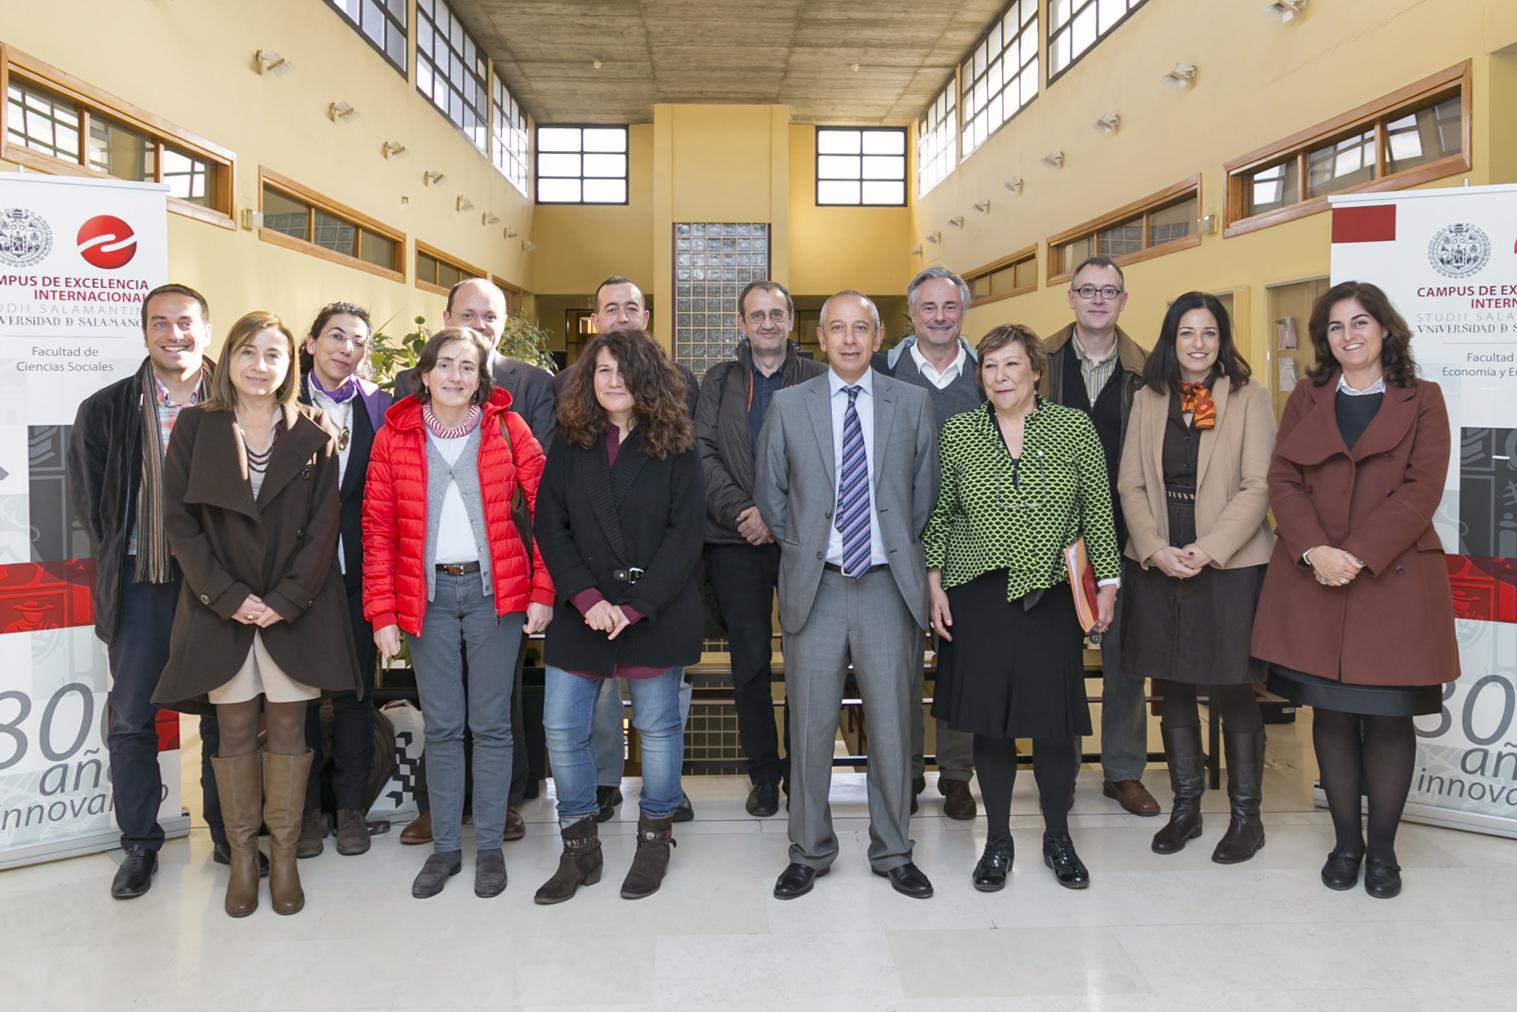 La Facultad de Ciencias Sociales acoge una reunión de la Conferencia de Decanos de Sociología de Universidades de España